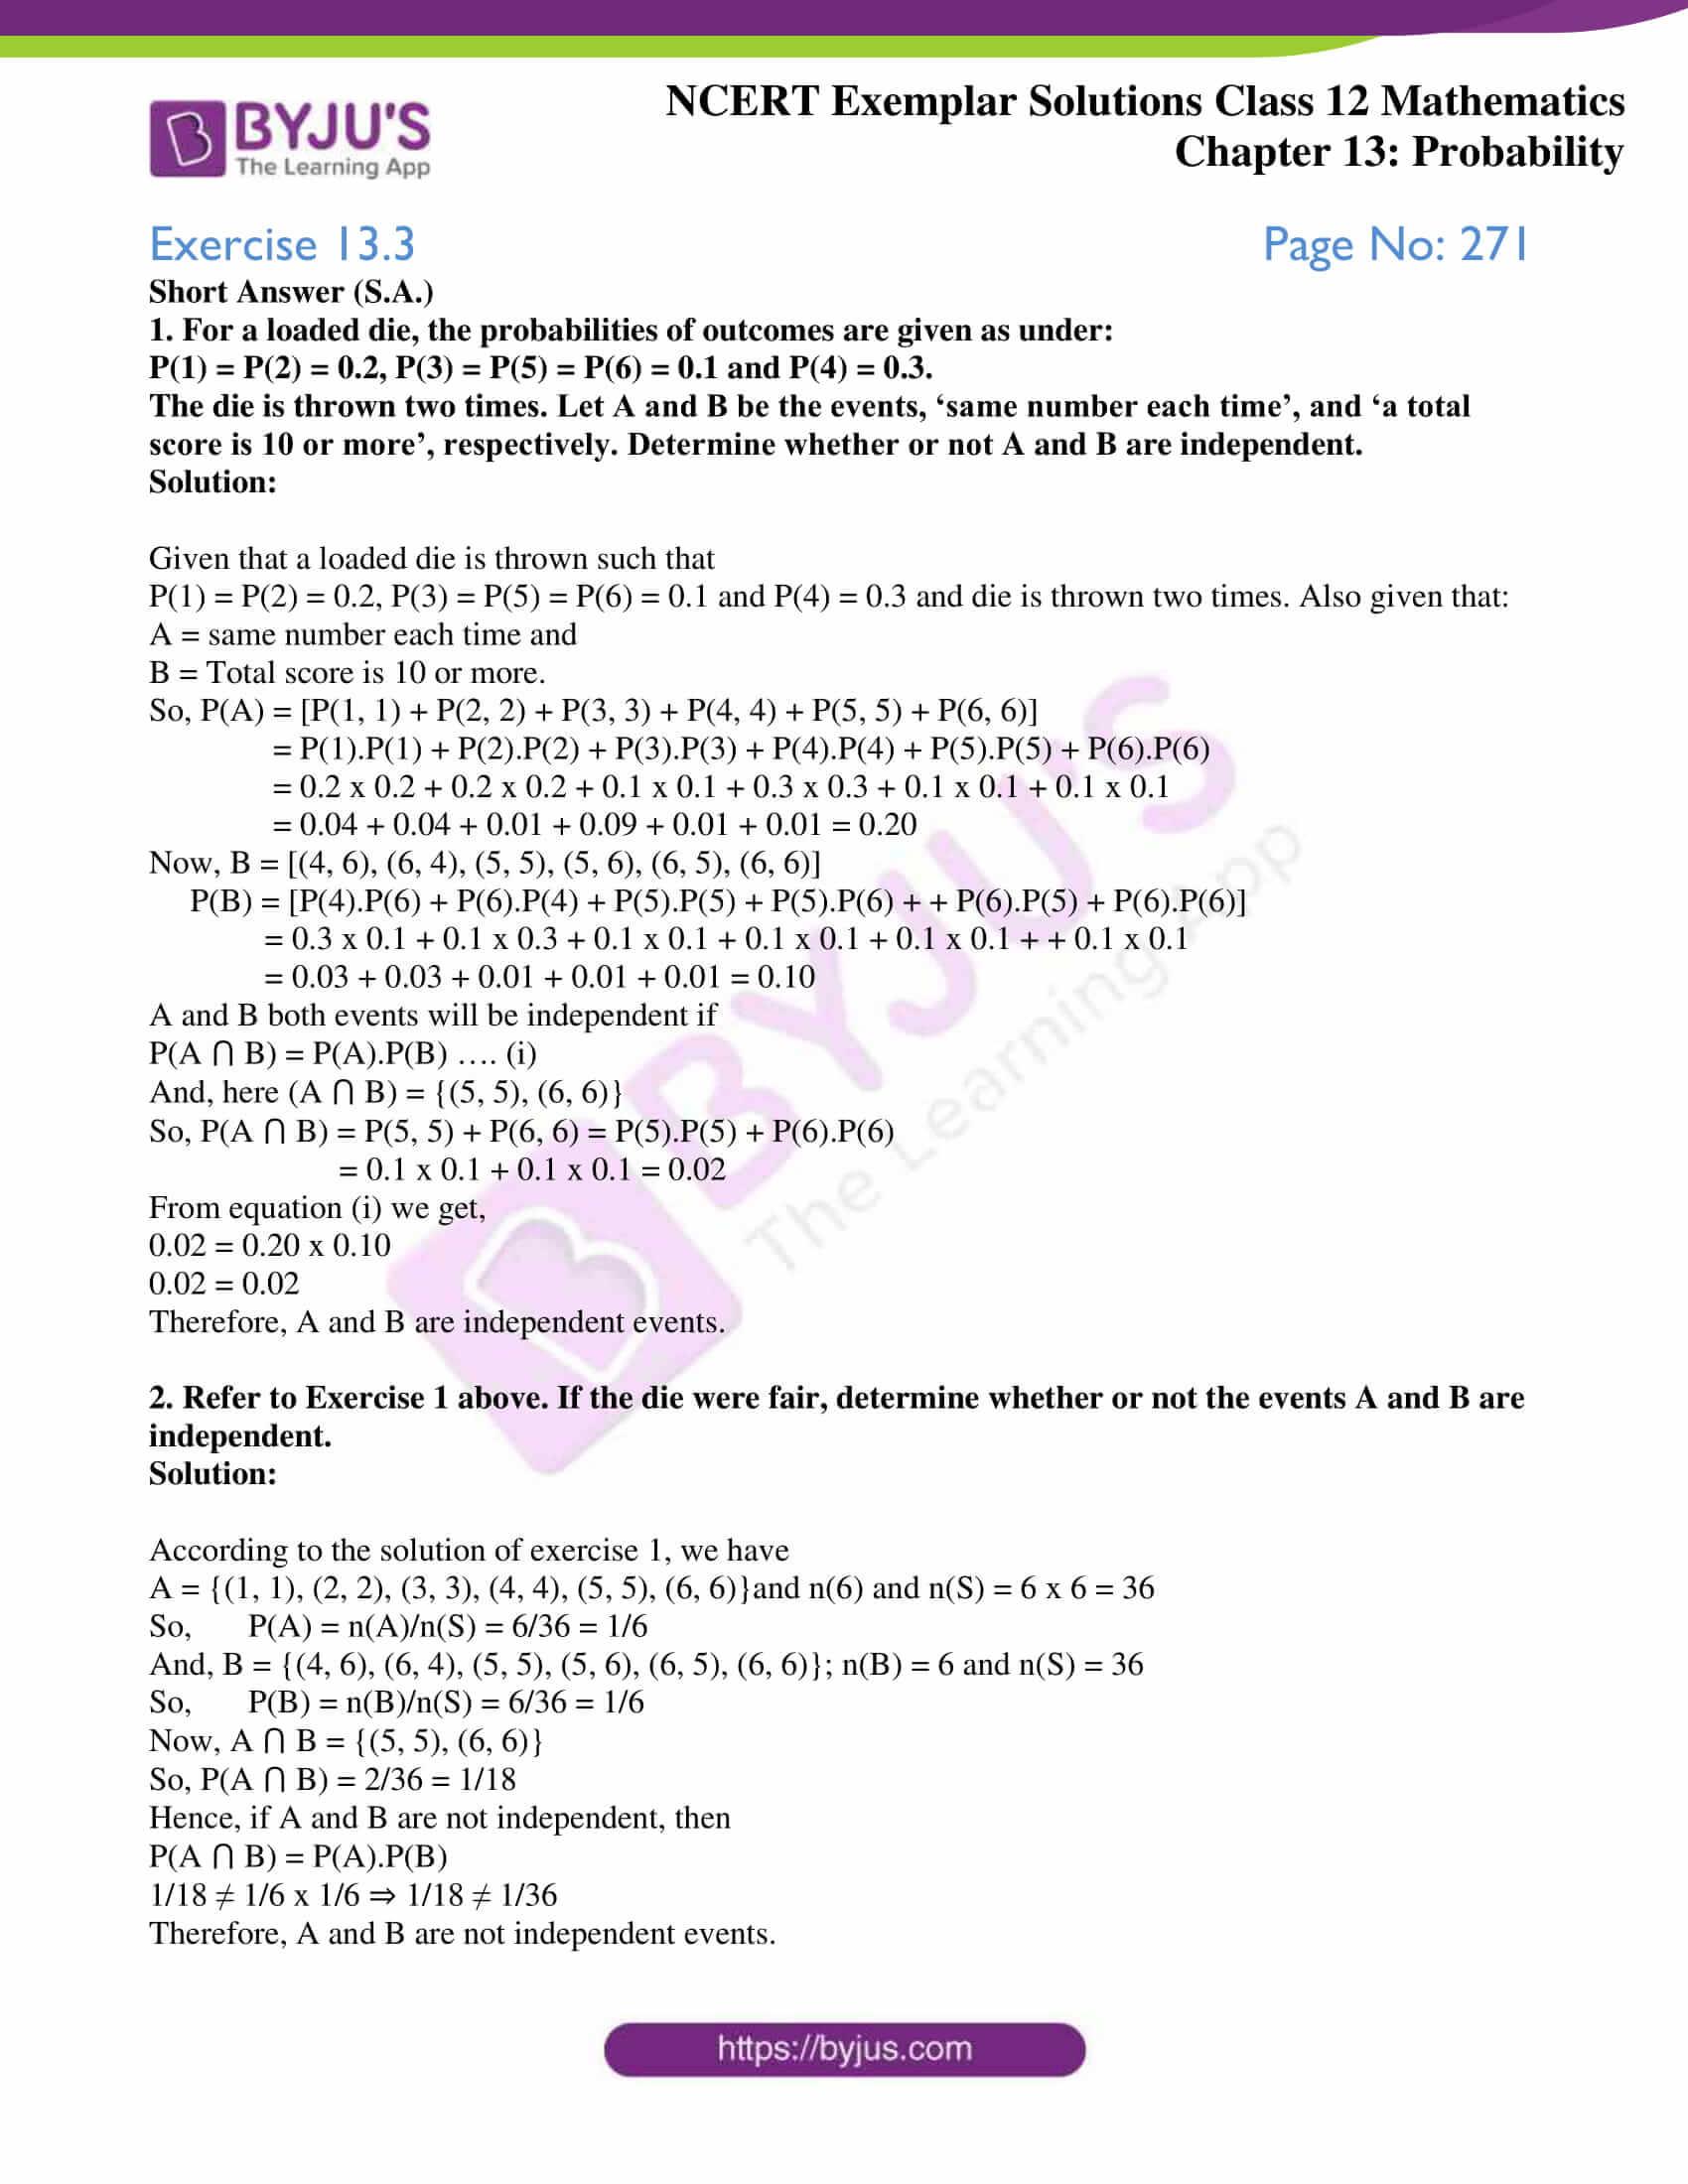 ncert exemplar sol class 12 mathematics chapter 13 01